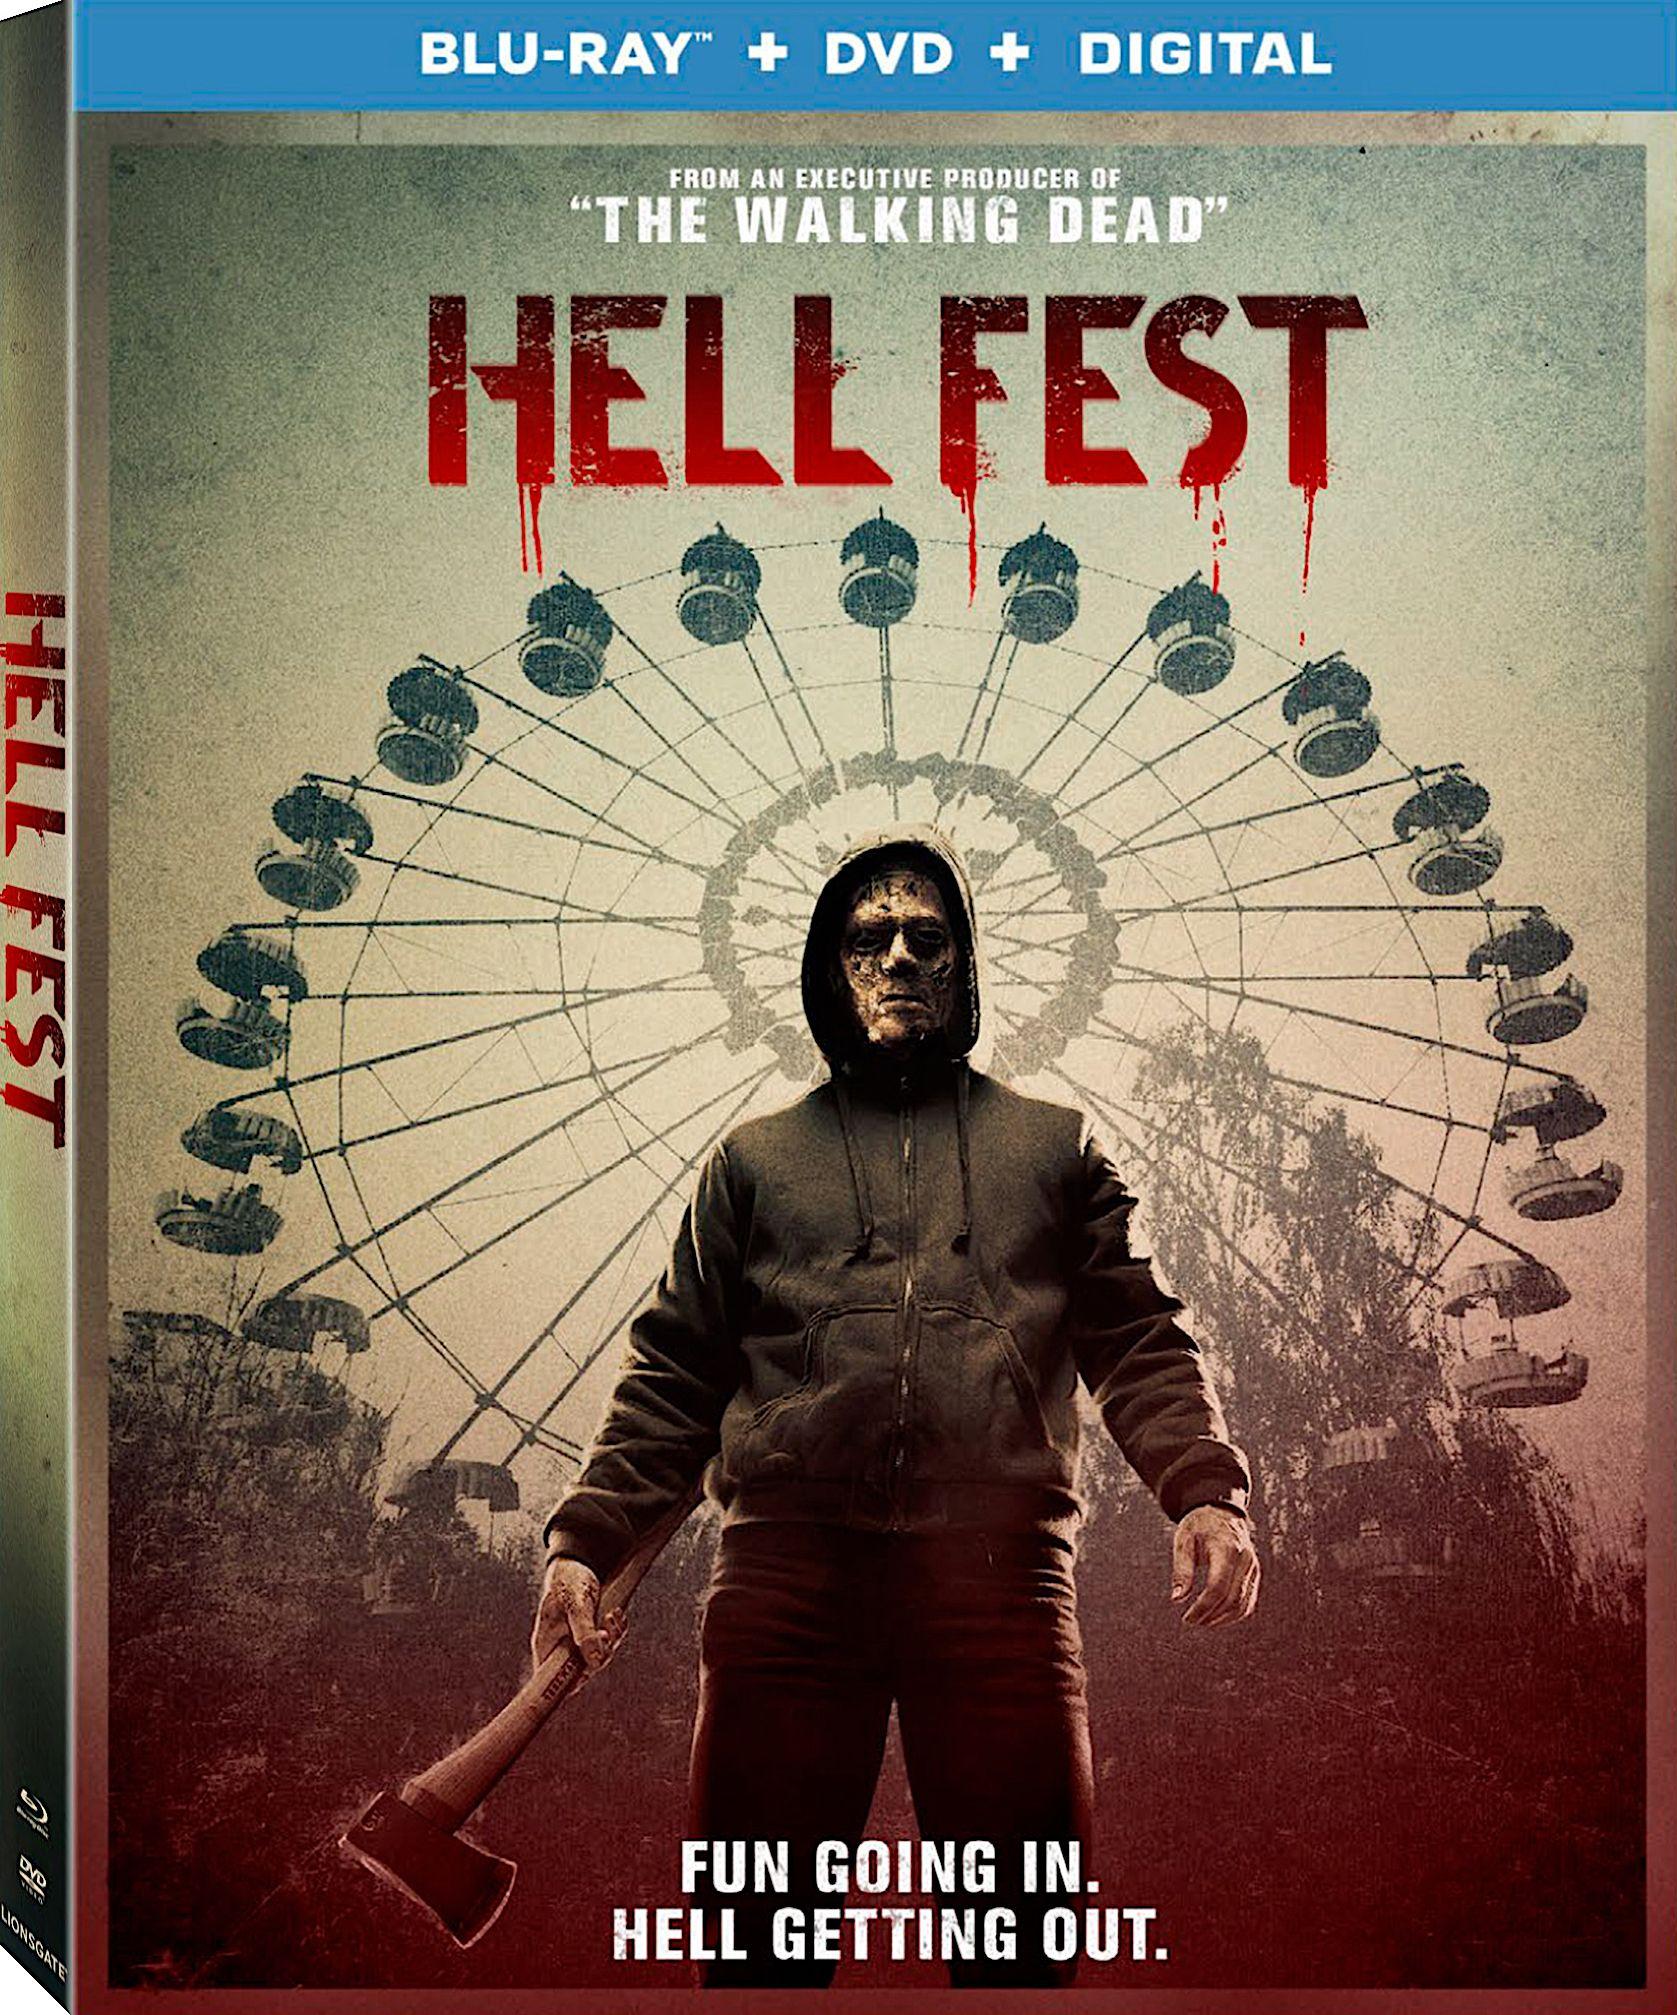 ผลการค้นหารูปภาพสำหรับ hellfest 2018 movie poster